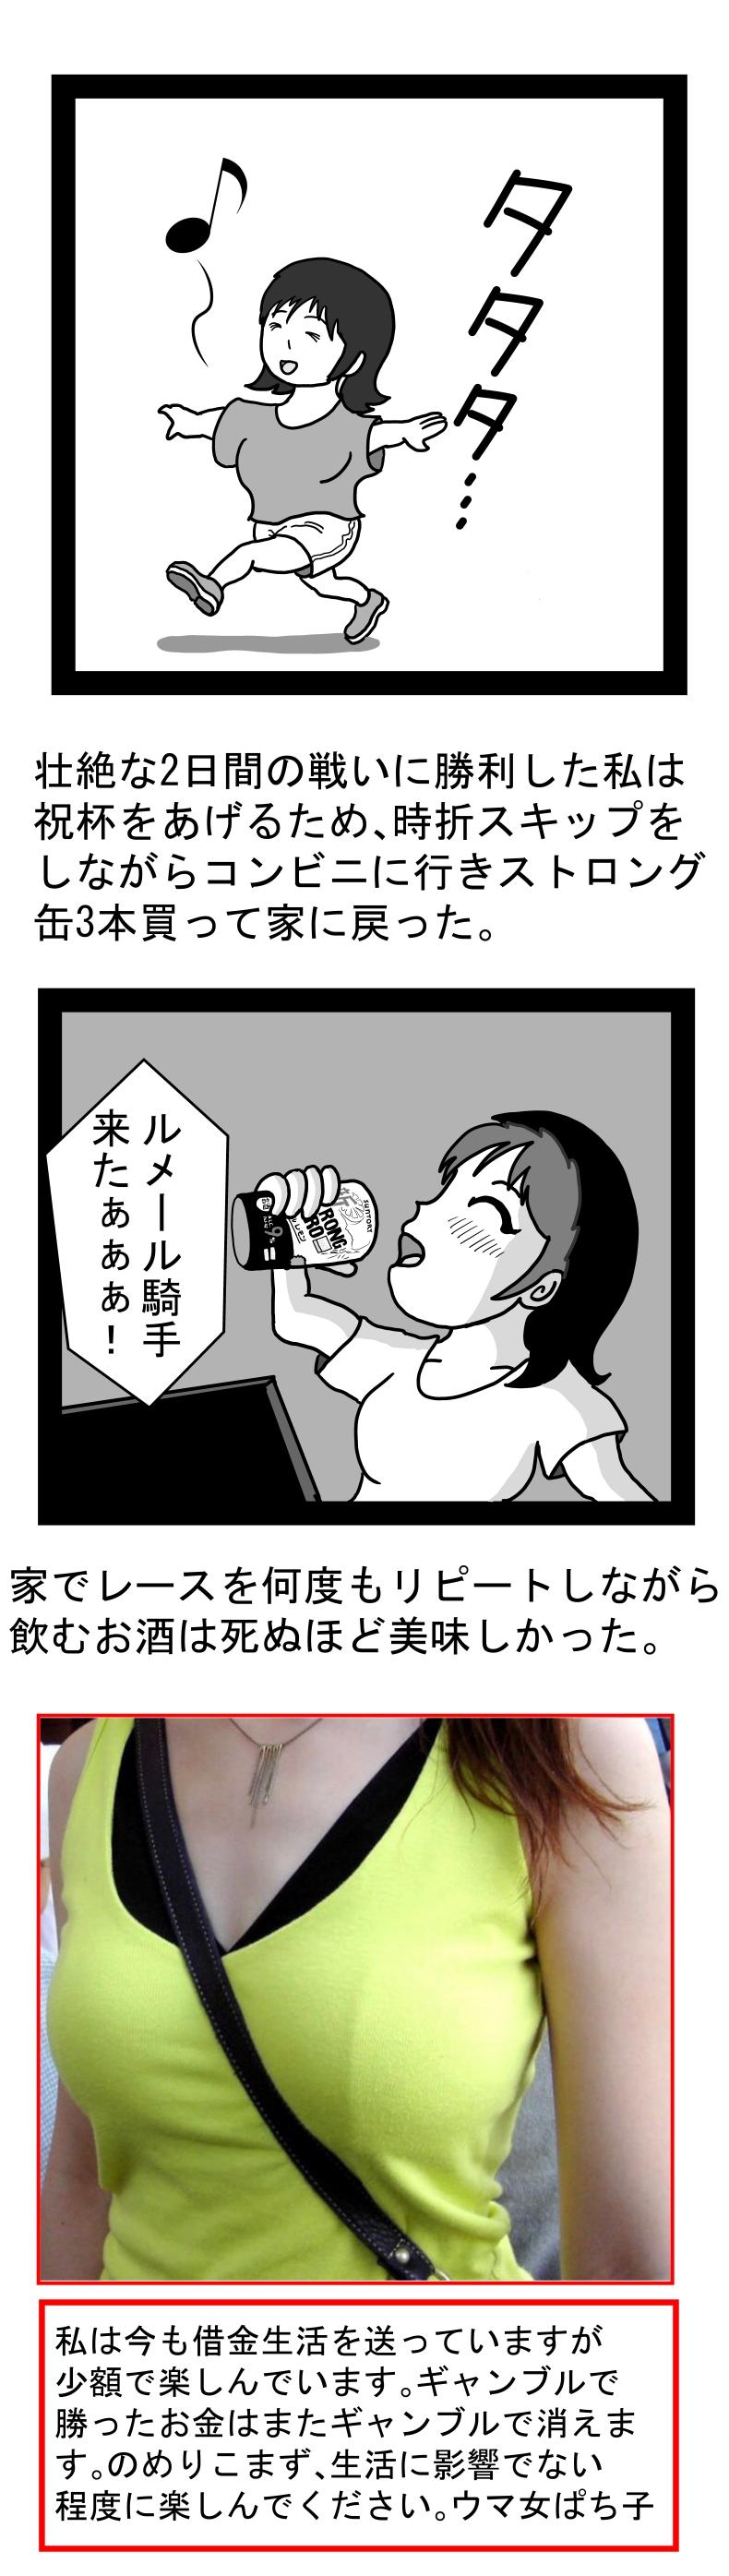 WEBパチスロ漫画 12ページ